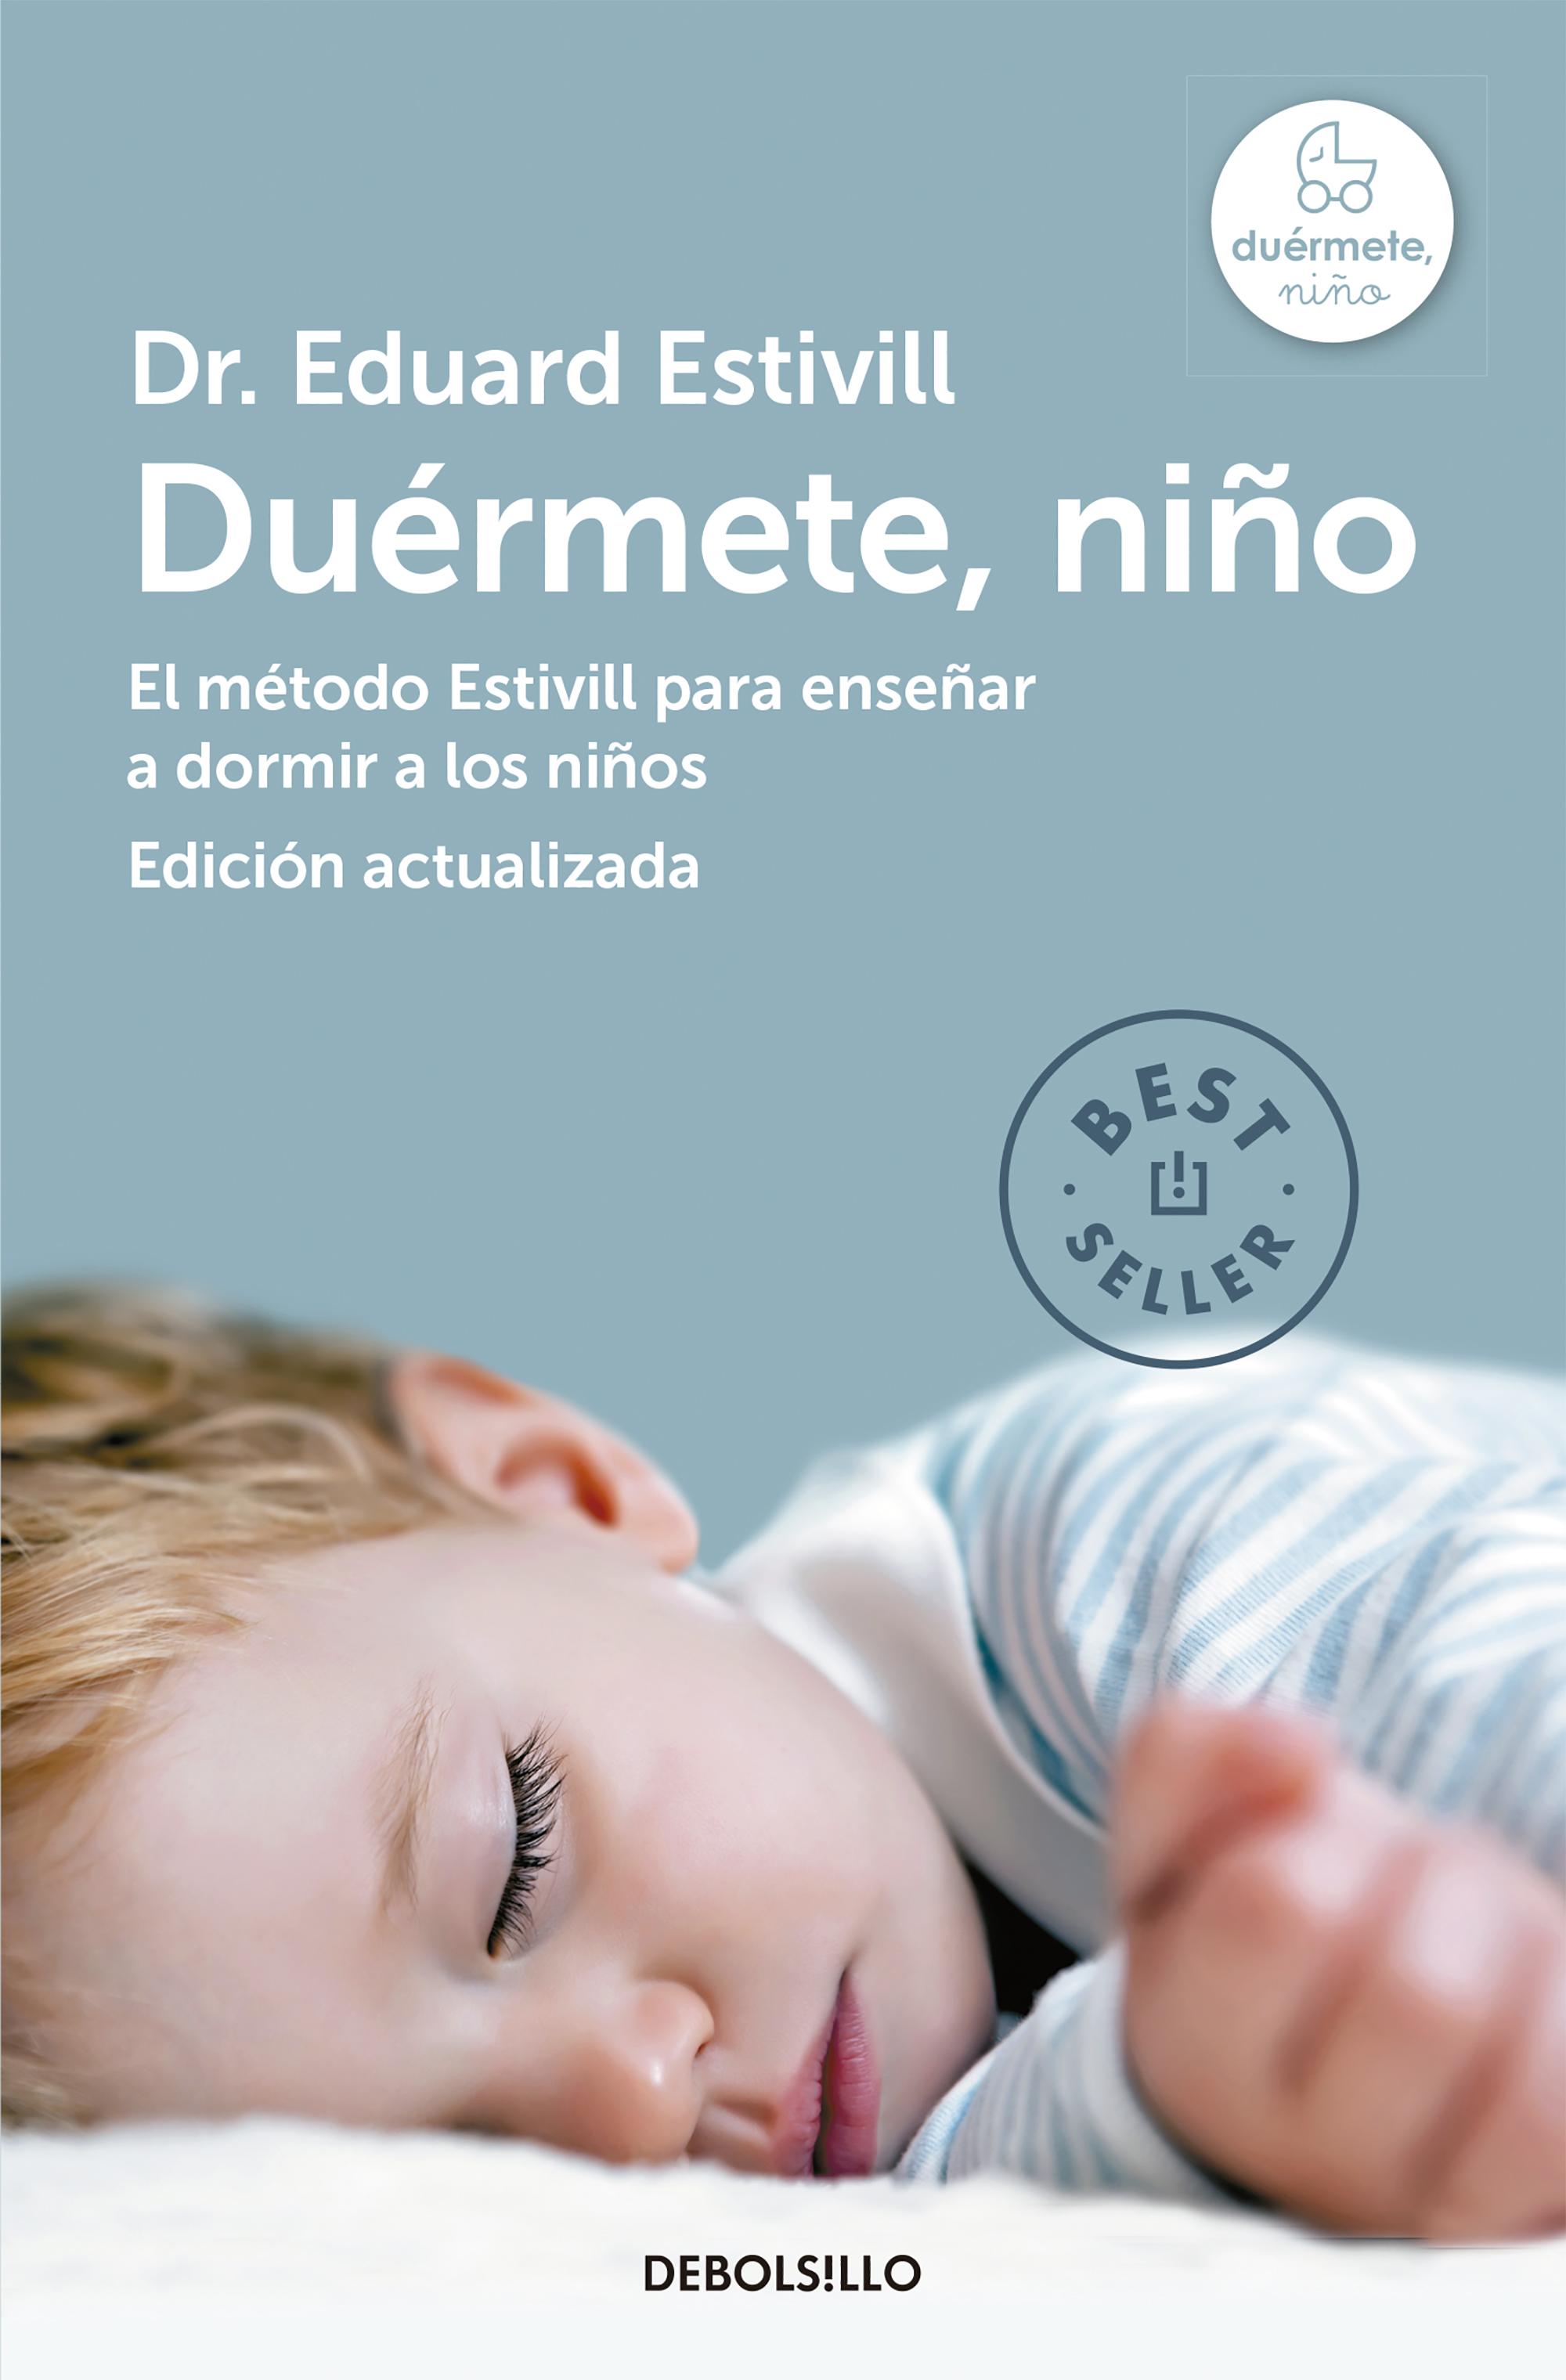 Duérmete, niño (edición actualizada y ampliada) (El método Estivill para enseñar a dormir a los niños)